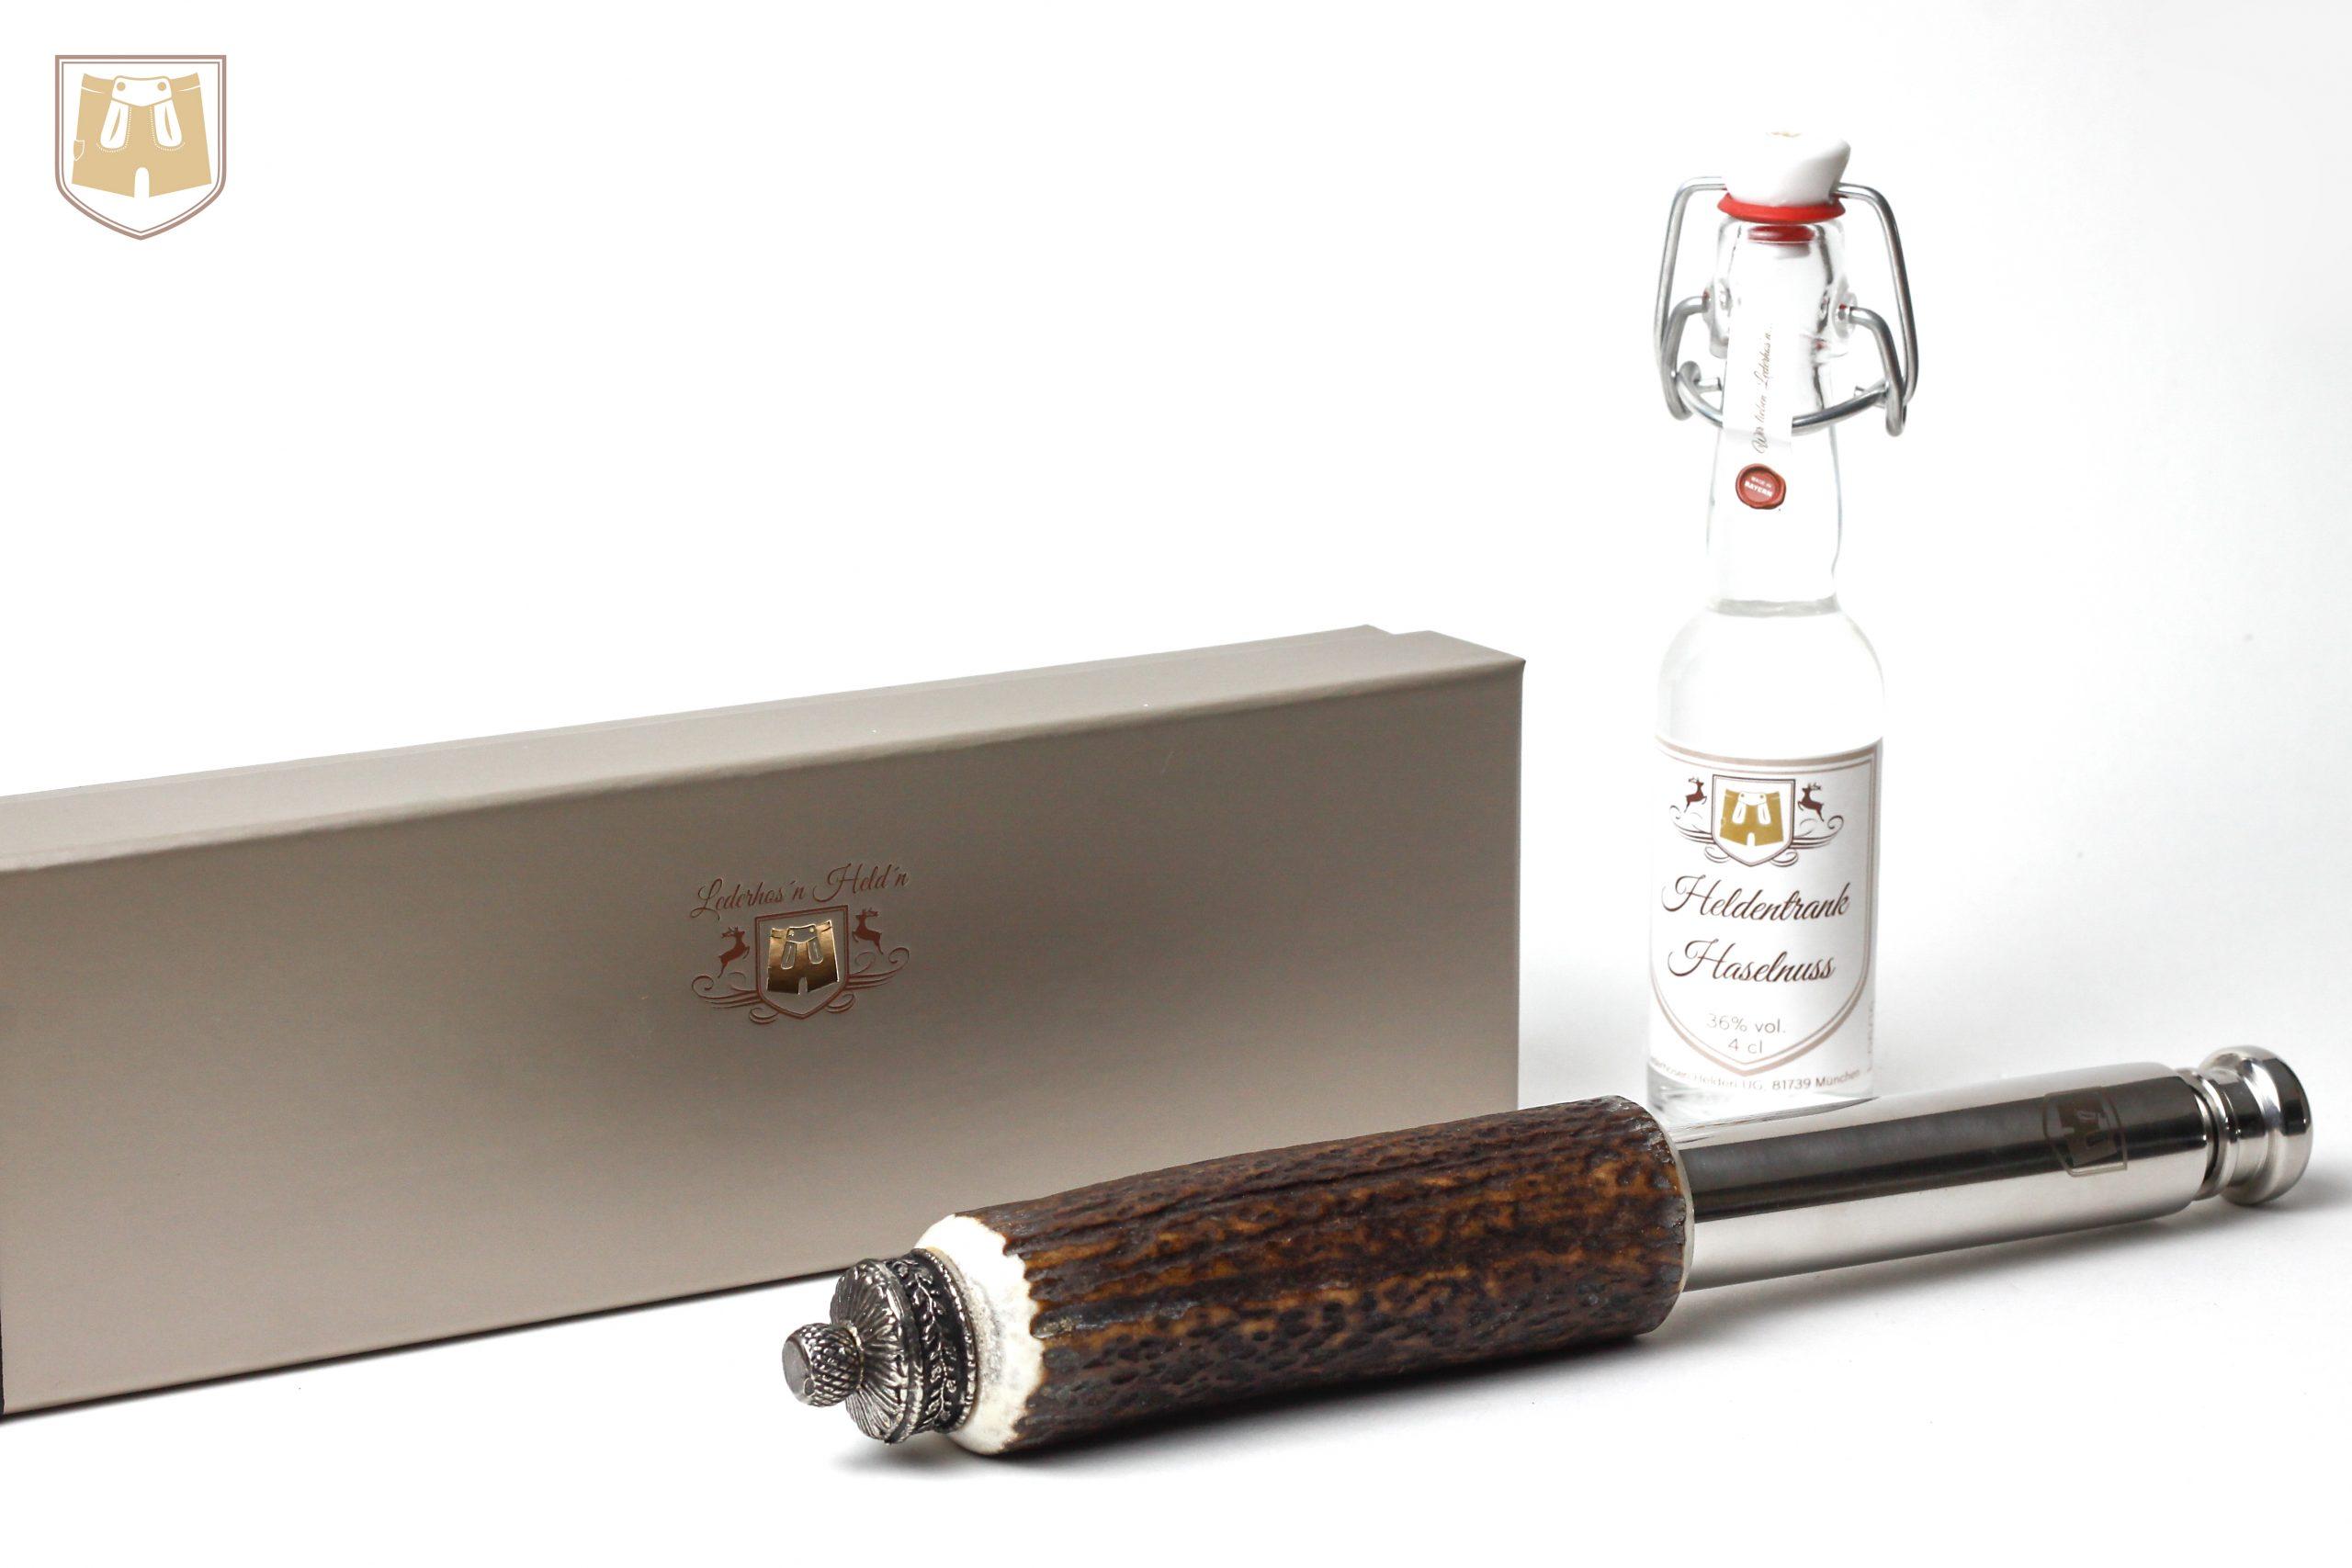 So geht bayerisch: Edles Schnapsflascherl für die Trachtenhose, mit integrierter Schnupftgabakdose